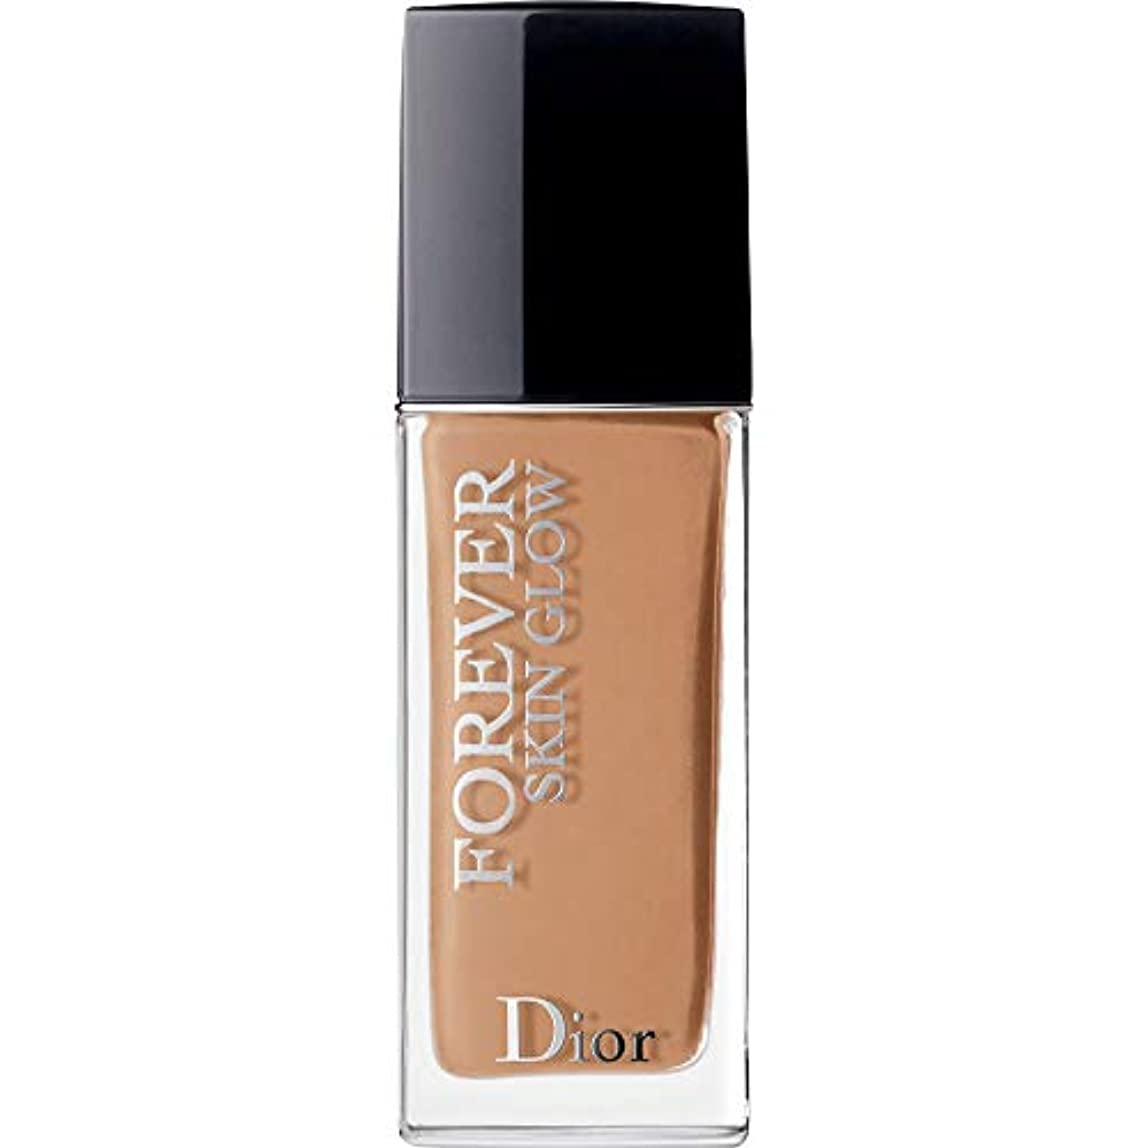 帆無一文同意する[Dior ] ディオール永遠肌の輝き肌思いやりの基礎Spf35 30ミリリットルの4.5ワット - 暖かい(肌の輝き) - DIOR Forever Skin Glow Skin-Caring Foundation SPF35...